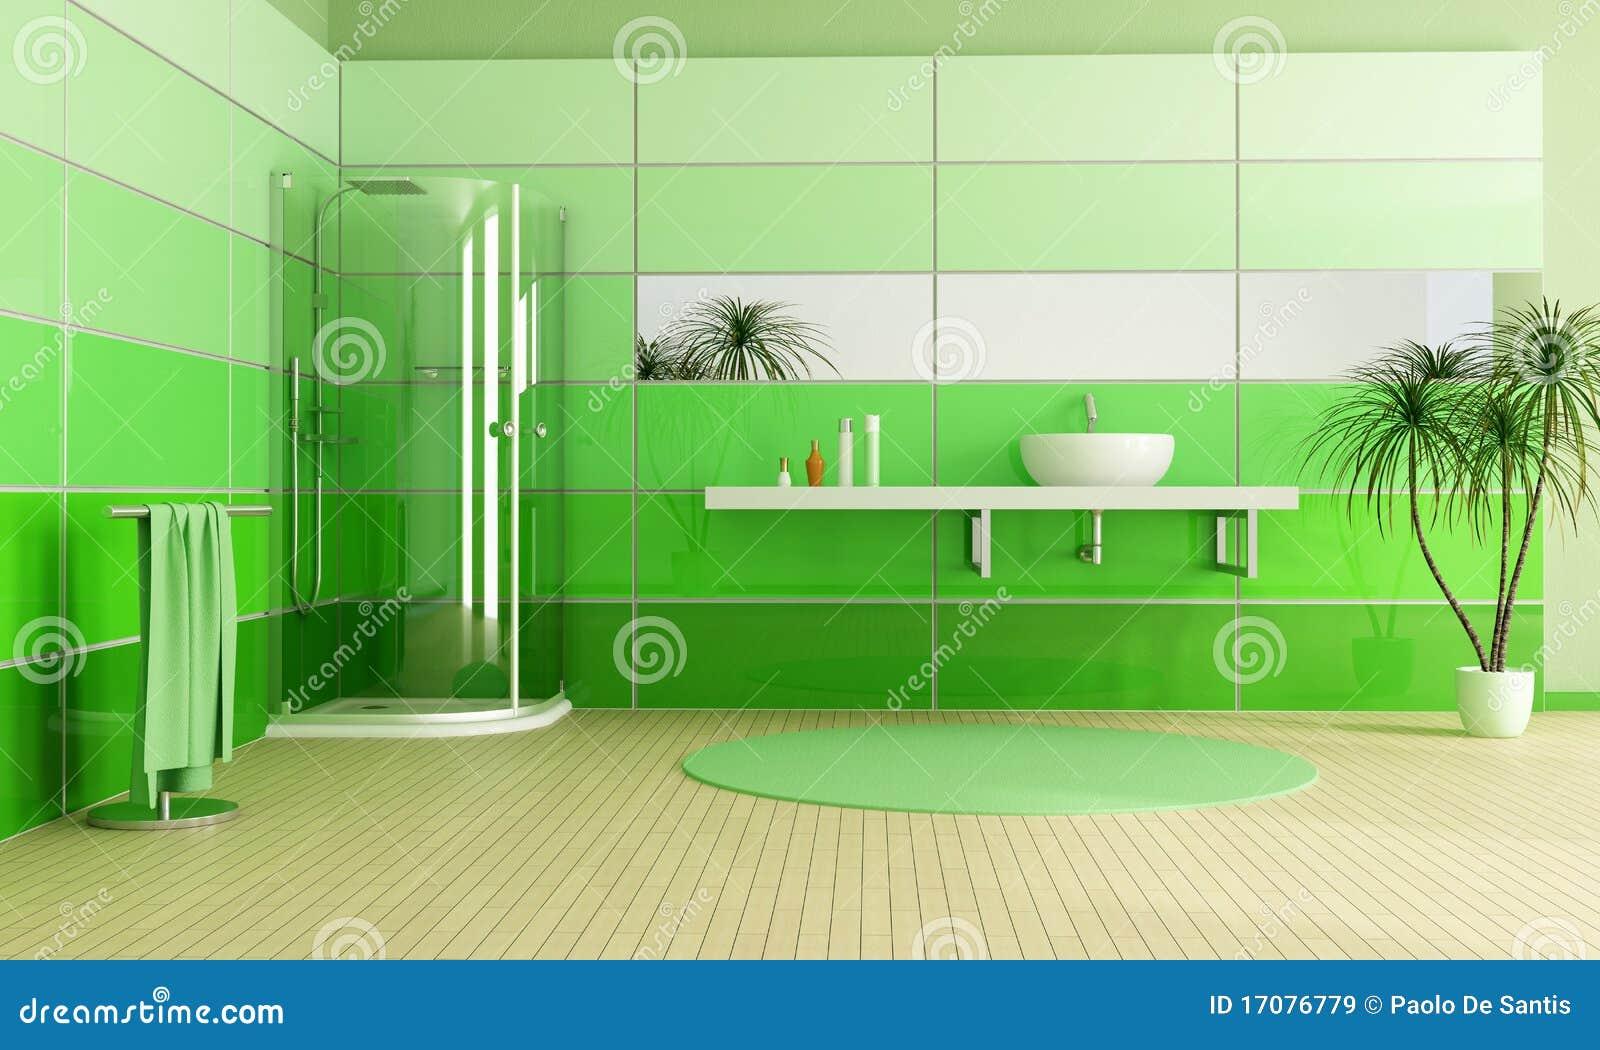 Baños Modernos Verdes:Cuarto de baño moderno con la ducha y el fregadero – representación